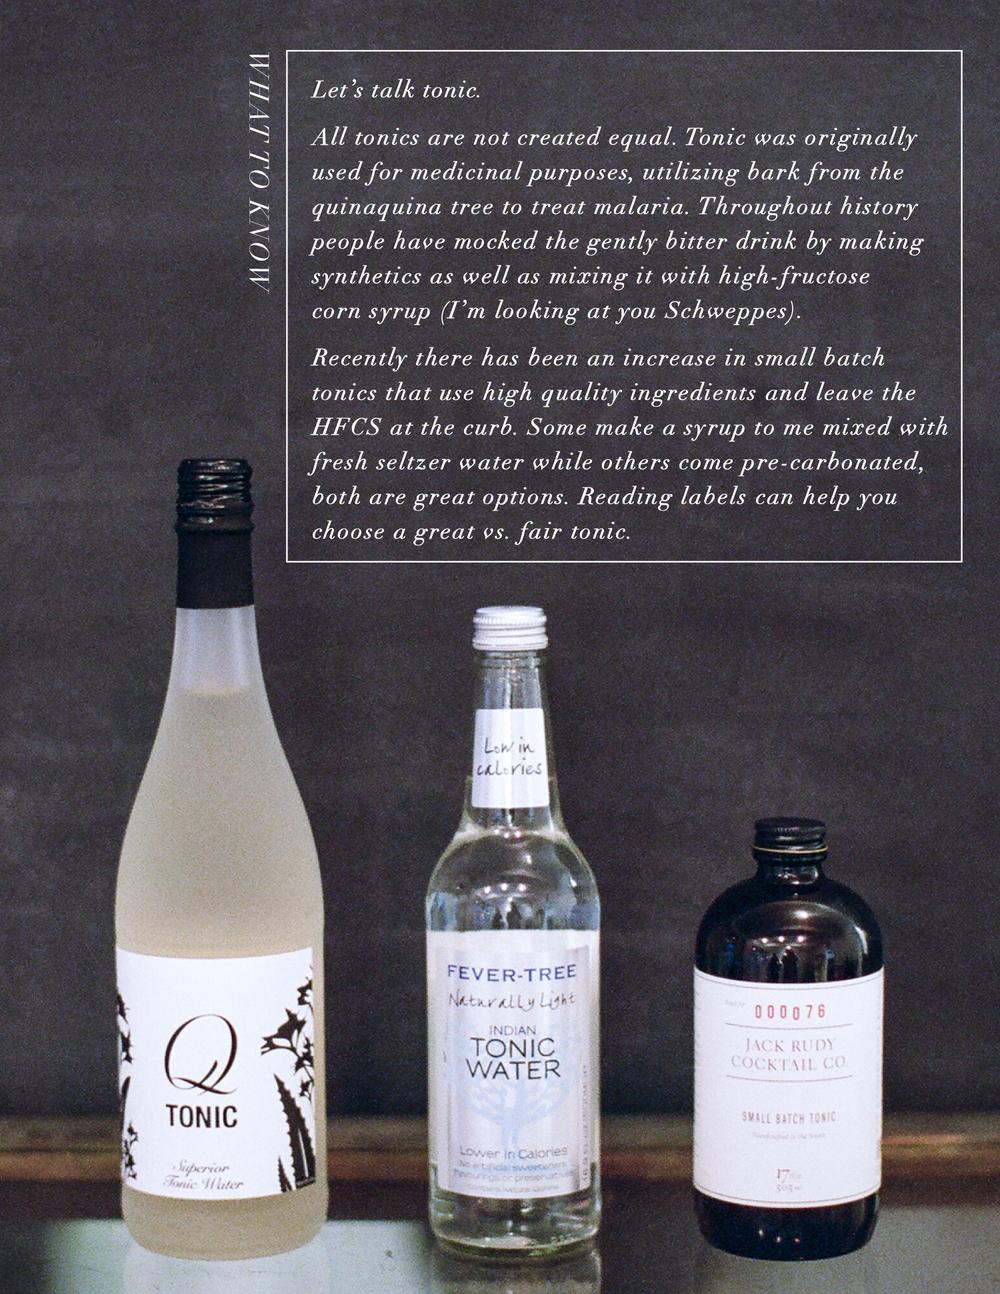 specialty tonics, gin & tonic